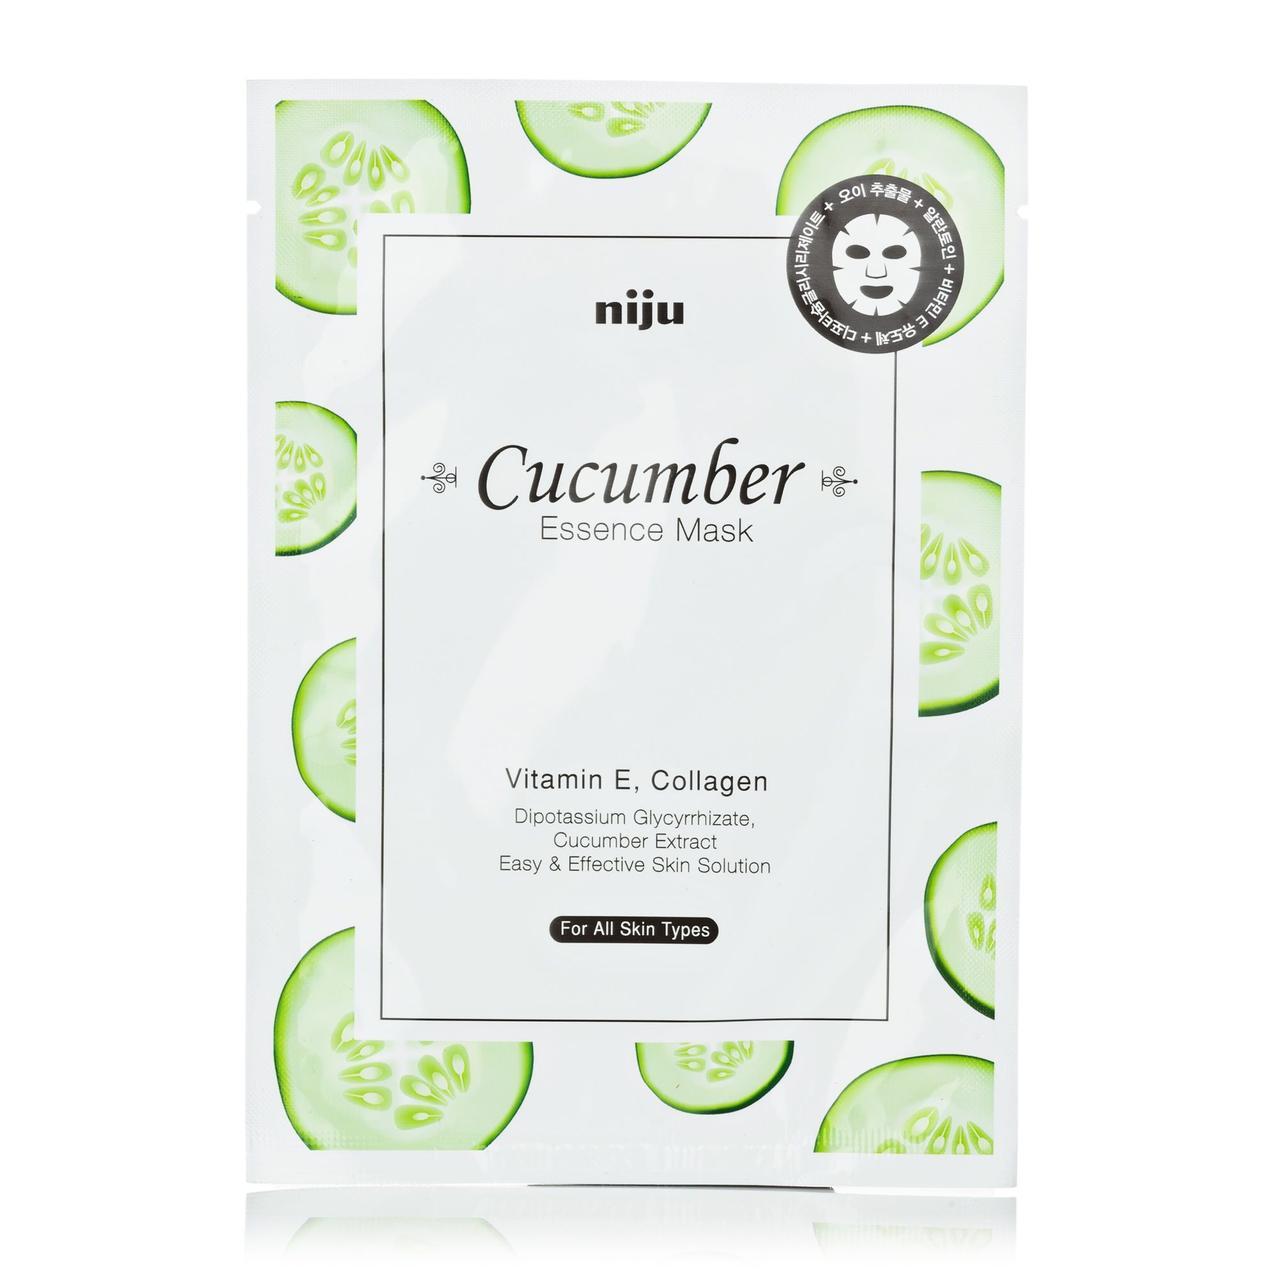 Увлажняющая маска для лица с экстрактом огурца Konad Niju Cucumber Essence Mask Skin Care 17 мл (8809109831223)